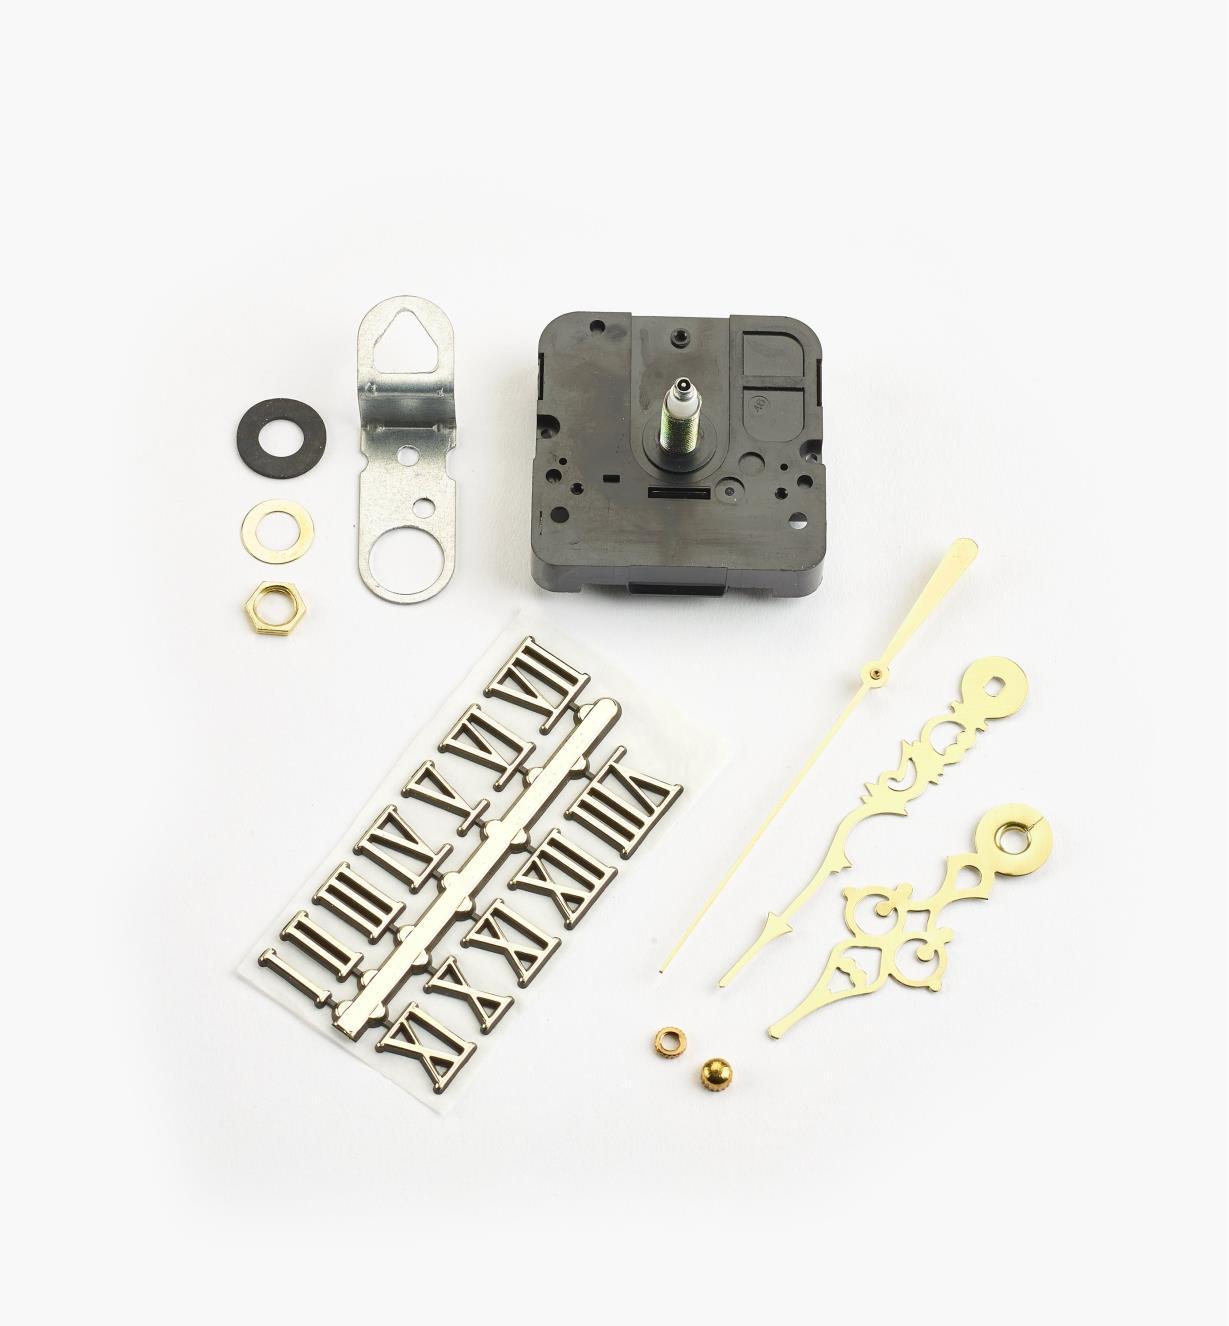 46K3152 - Composants pour horloge à arbre de 1/2po, chiffres romains